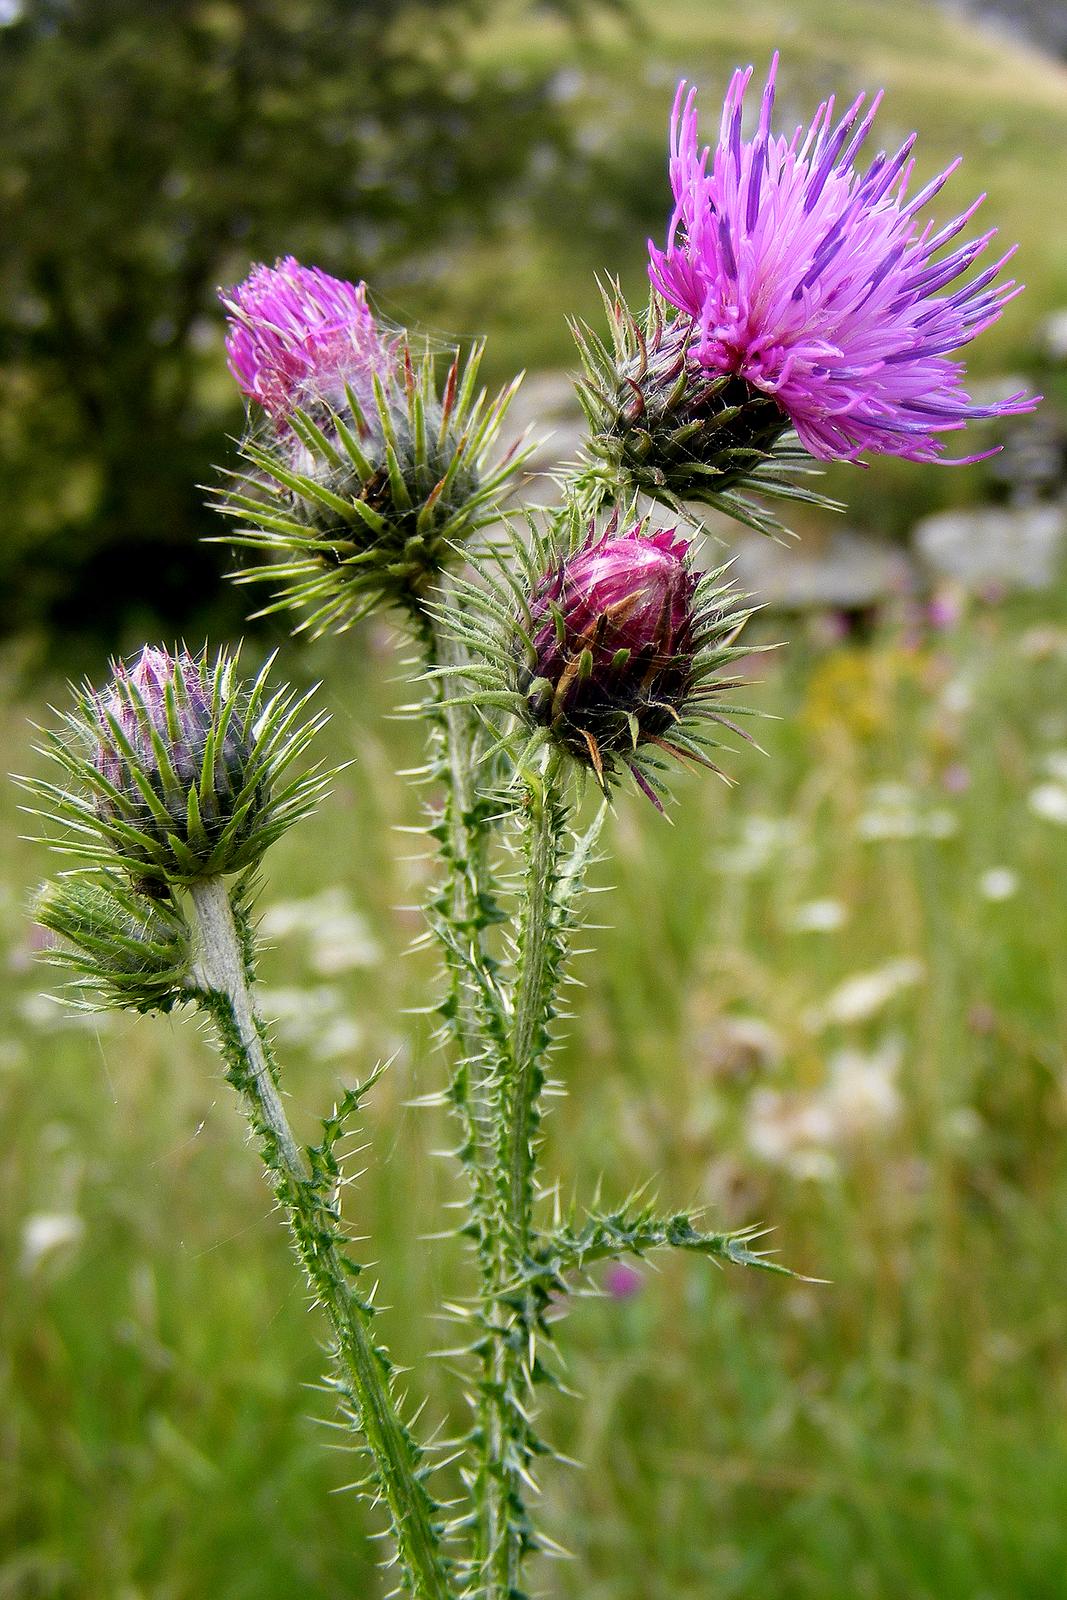 Fotografia przedstawia wzbliżeniu wzniesiony pęd ostu. Na łodydze, liściach ikoszyczku kwiatowym znajdują się liczne kolce. Kwiat złożony, fioletowy.